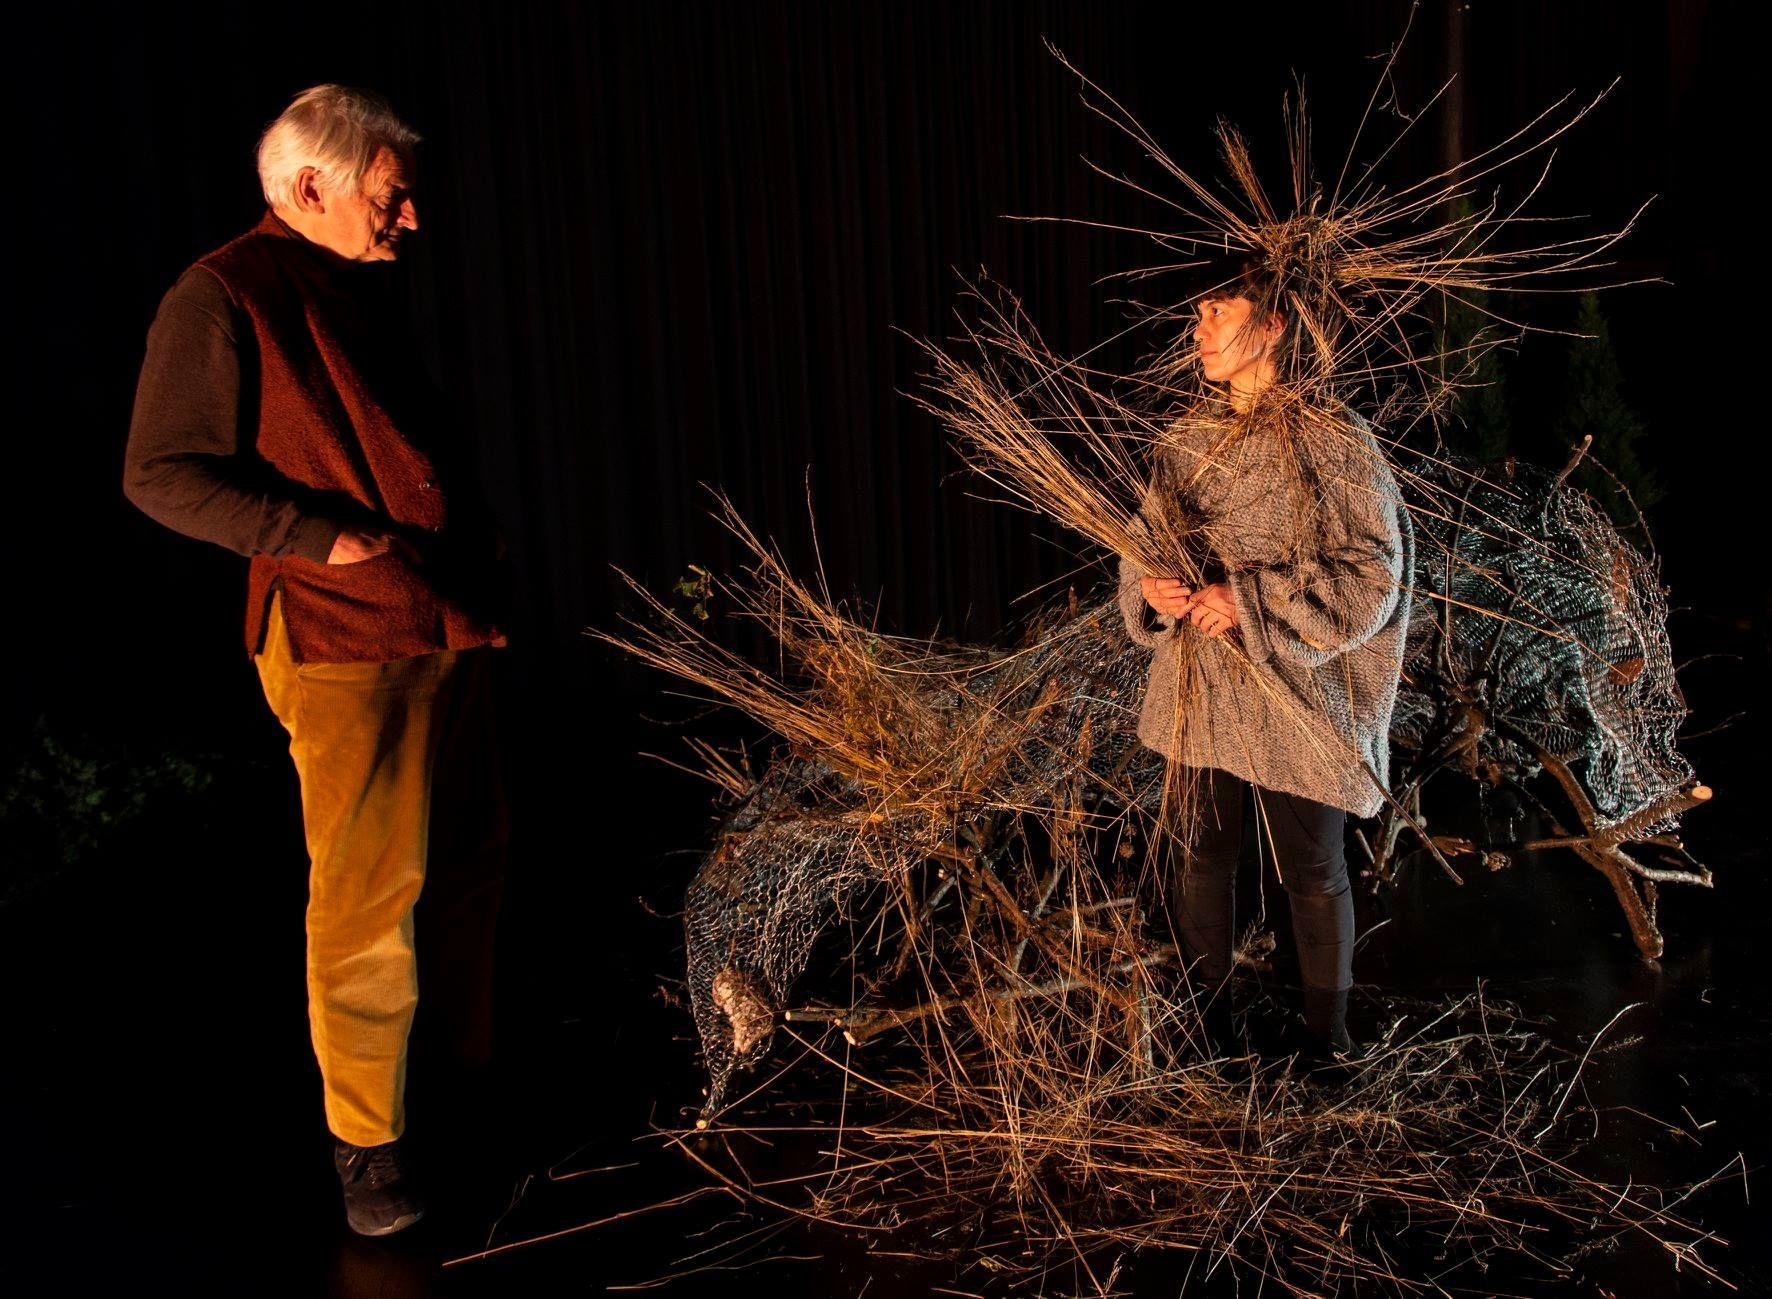 Ketil Lund og Sara Baban spiller i forestillingen Ways of Seeing. Baban er nå en av de fire siktede, sammen med Pia Maria Roll og Hanan Benammar.